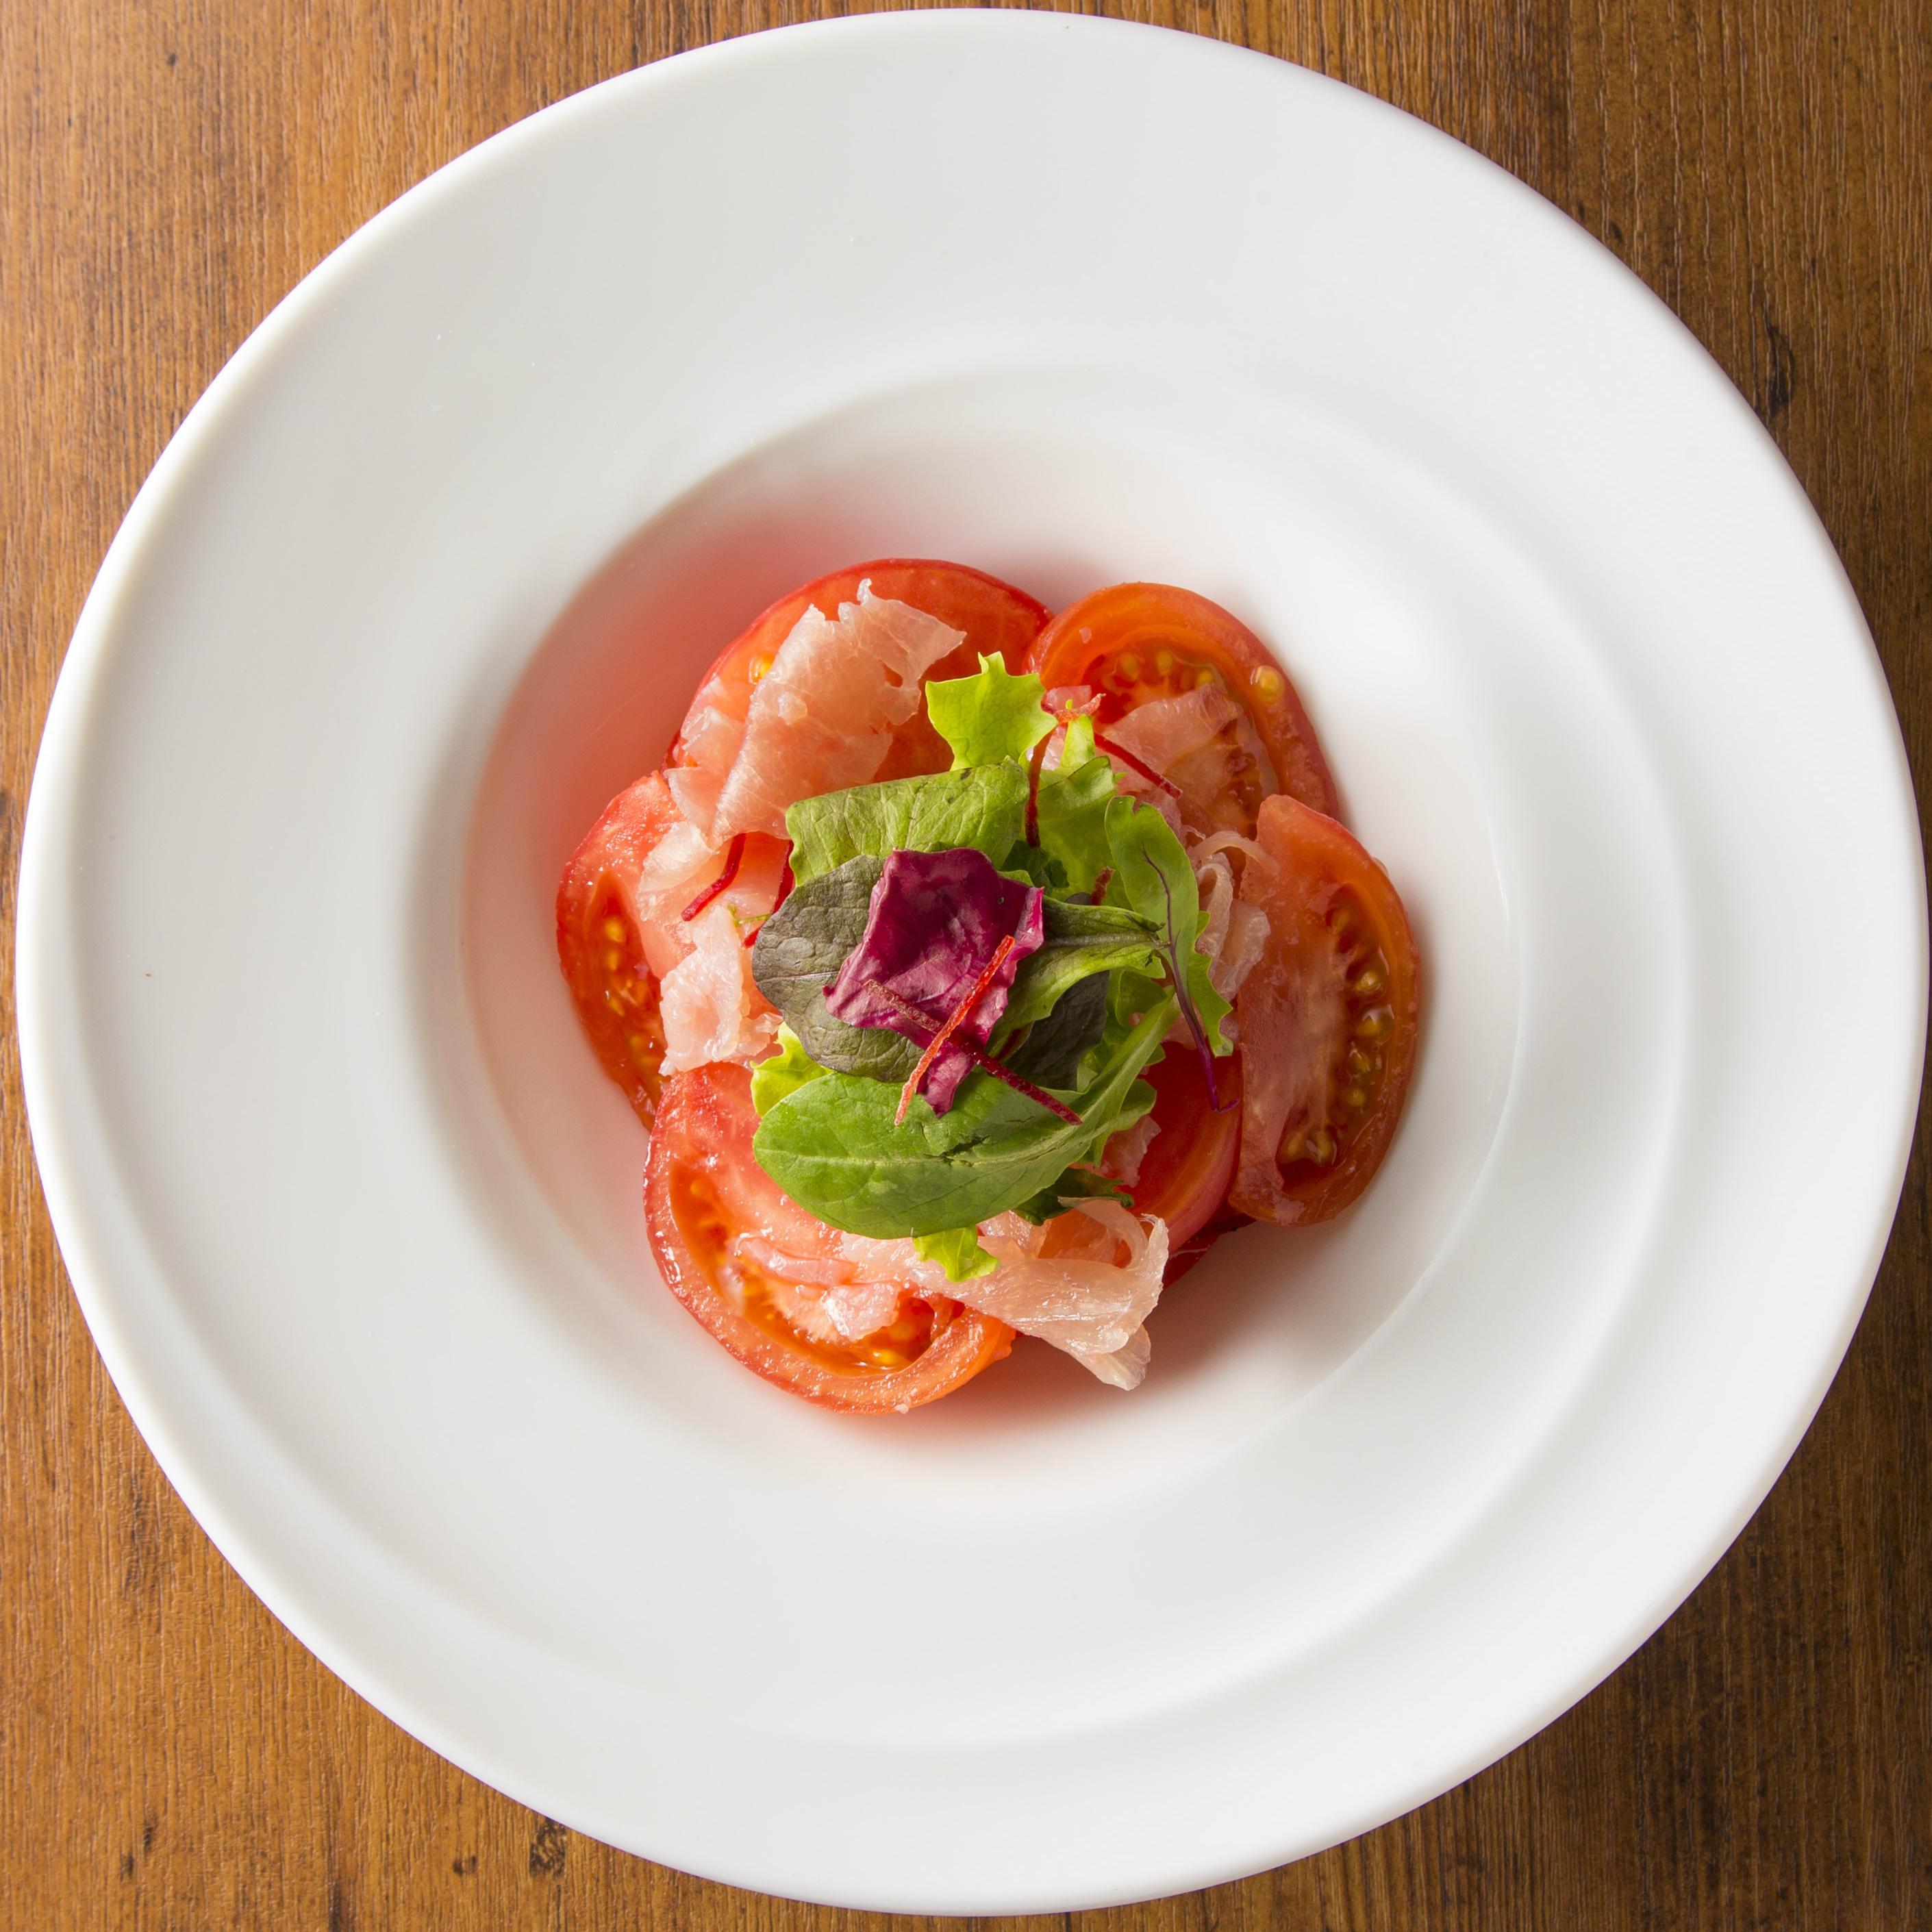 アールグレイ香るトマトと生ハムのサラダ